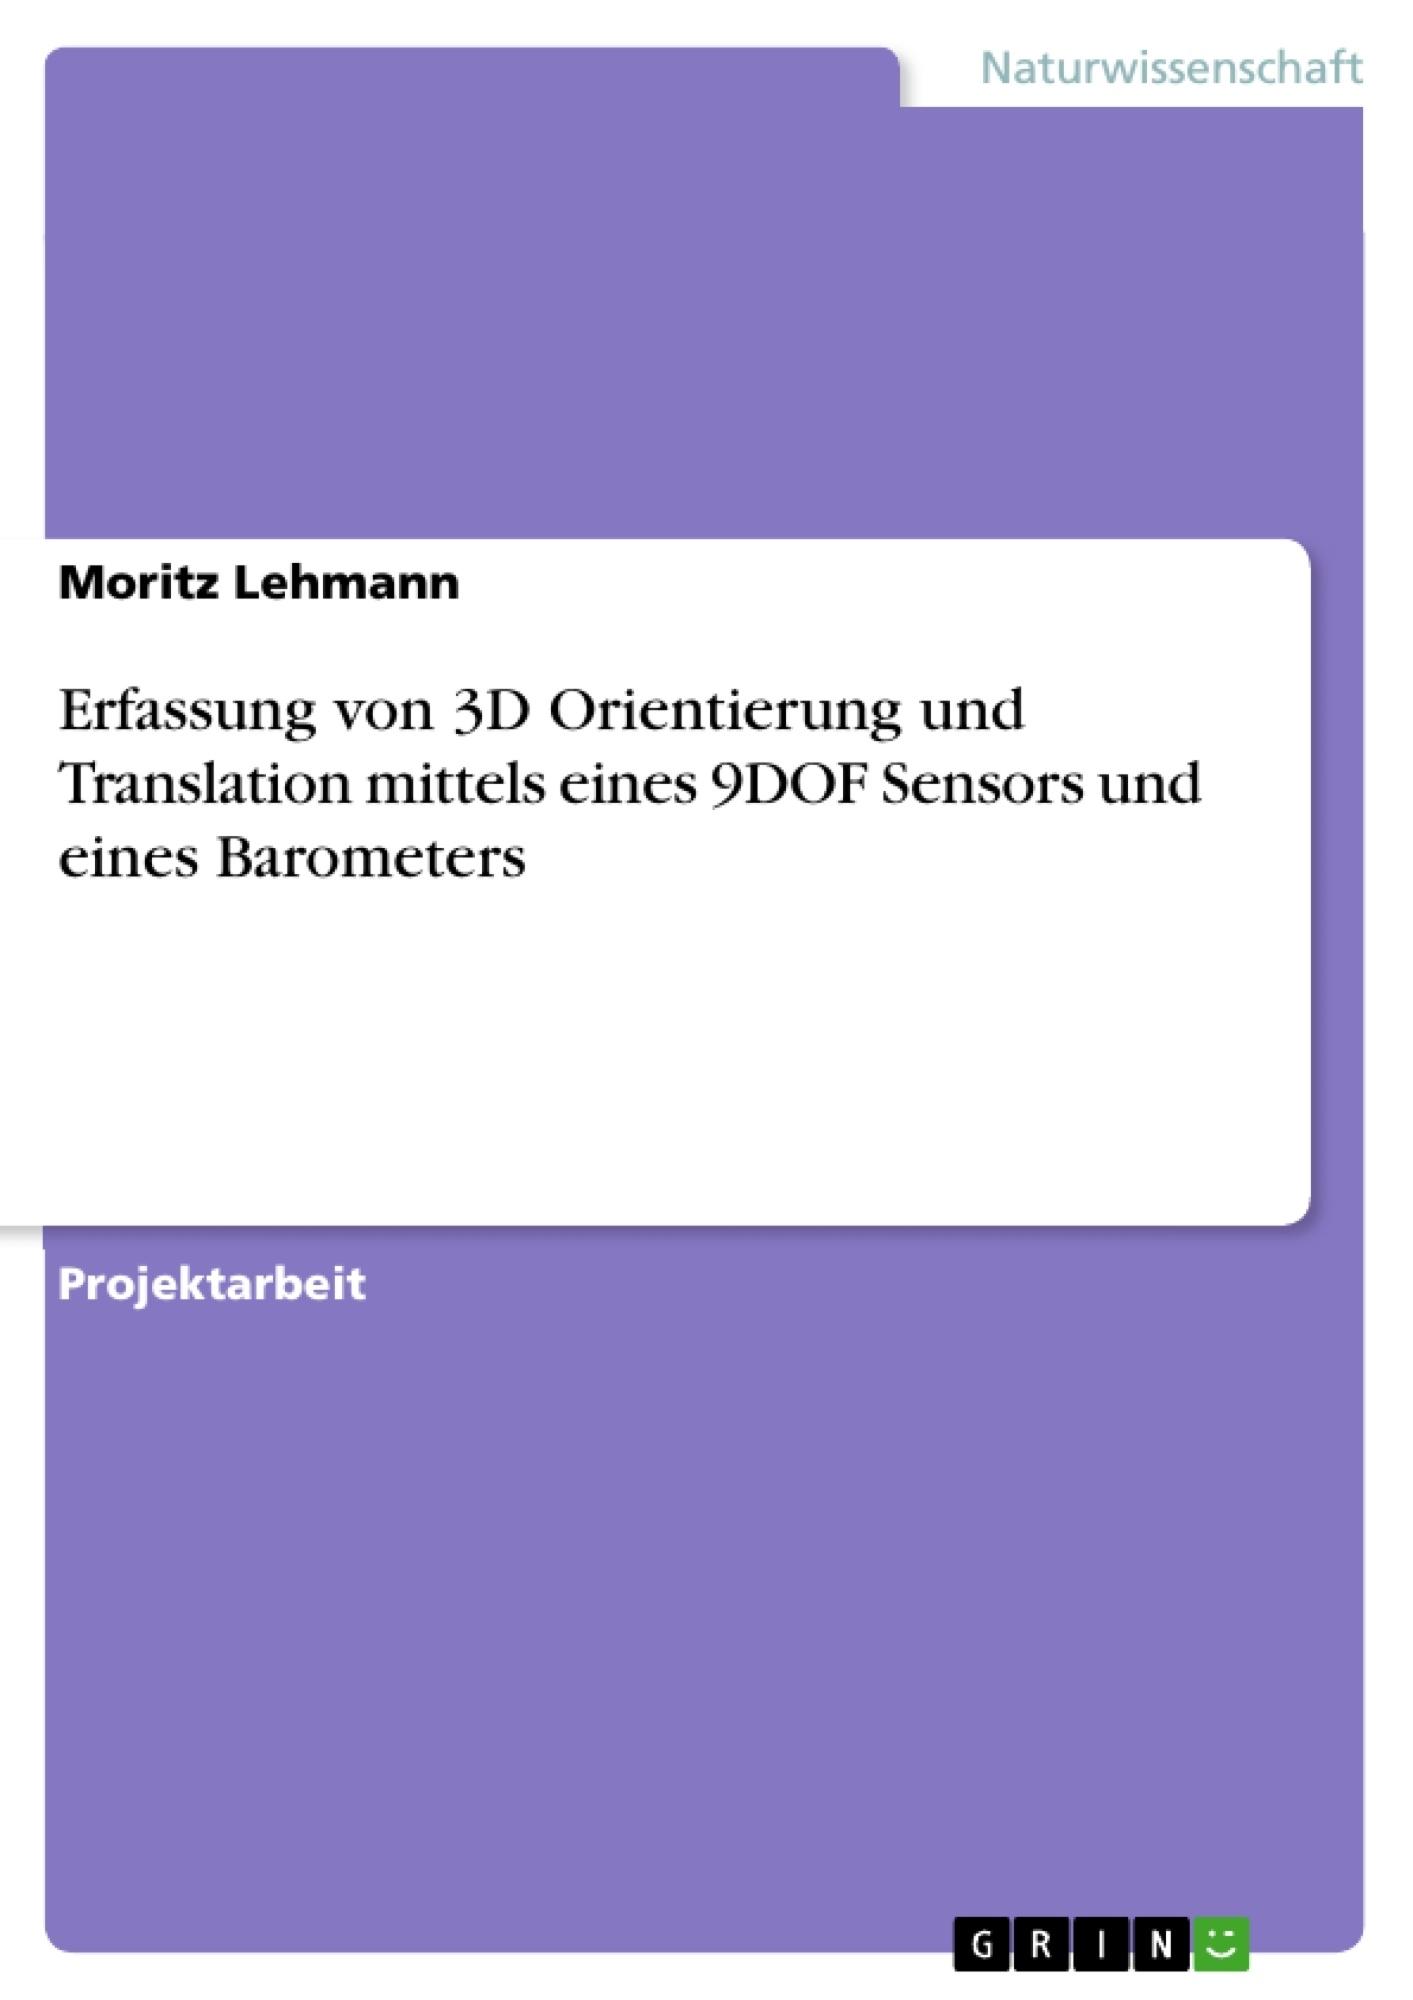 Titel: Erfassung von 3D Orientierung und Translation mittels eines 9DOF Sensors und eines Barometers